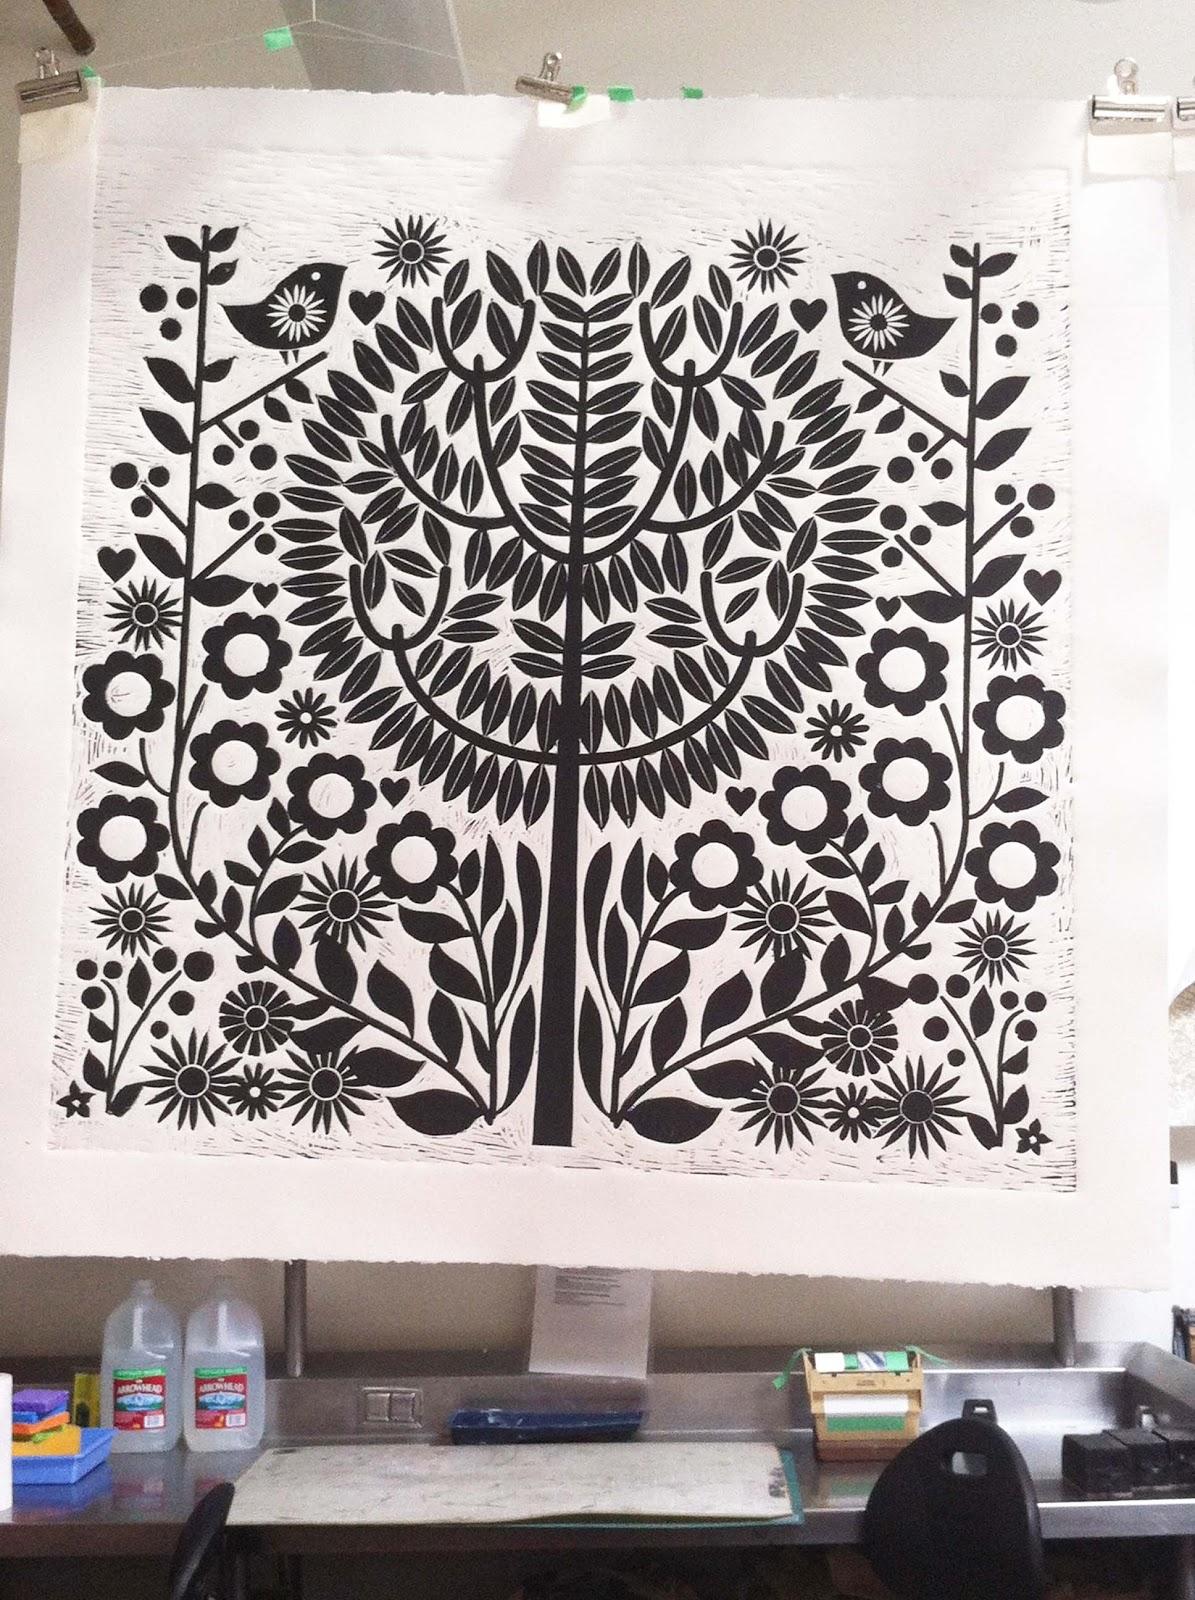 Dutch door press the making of a giant linoleum block print